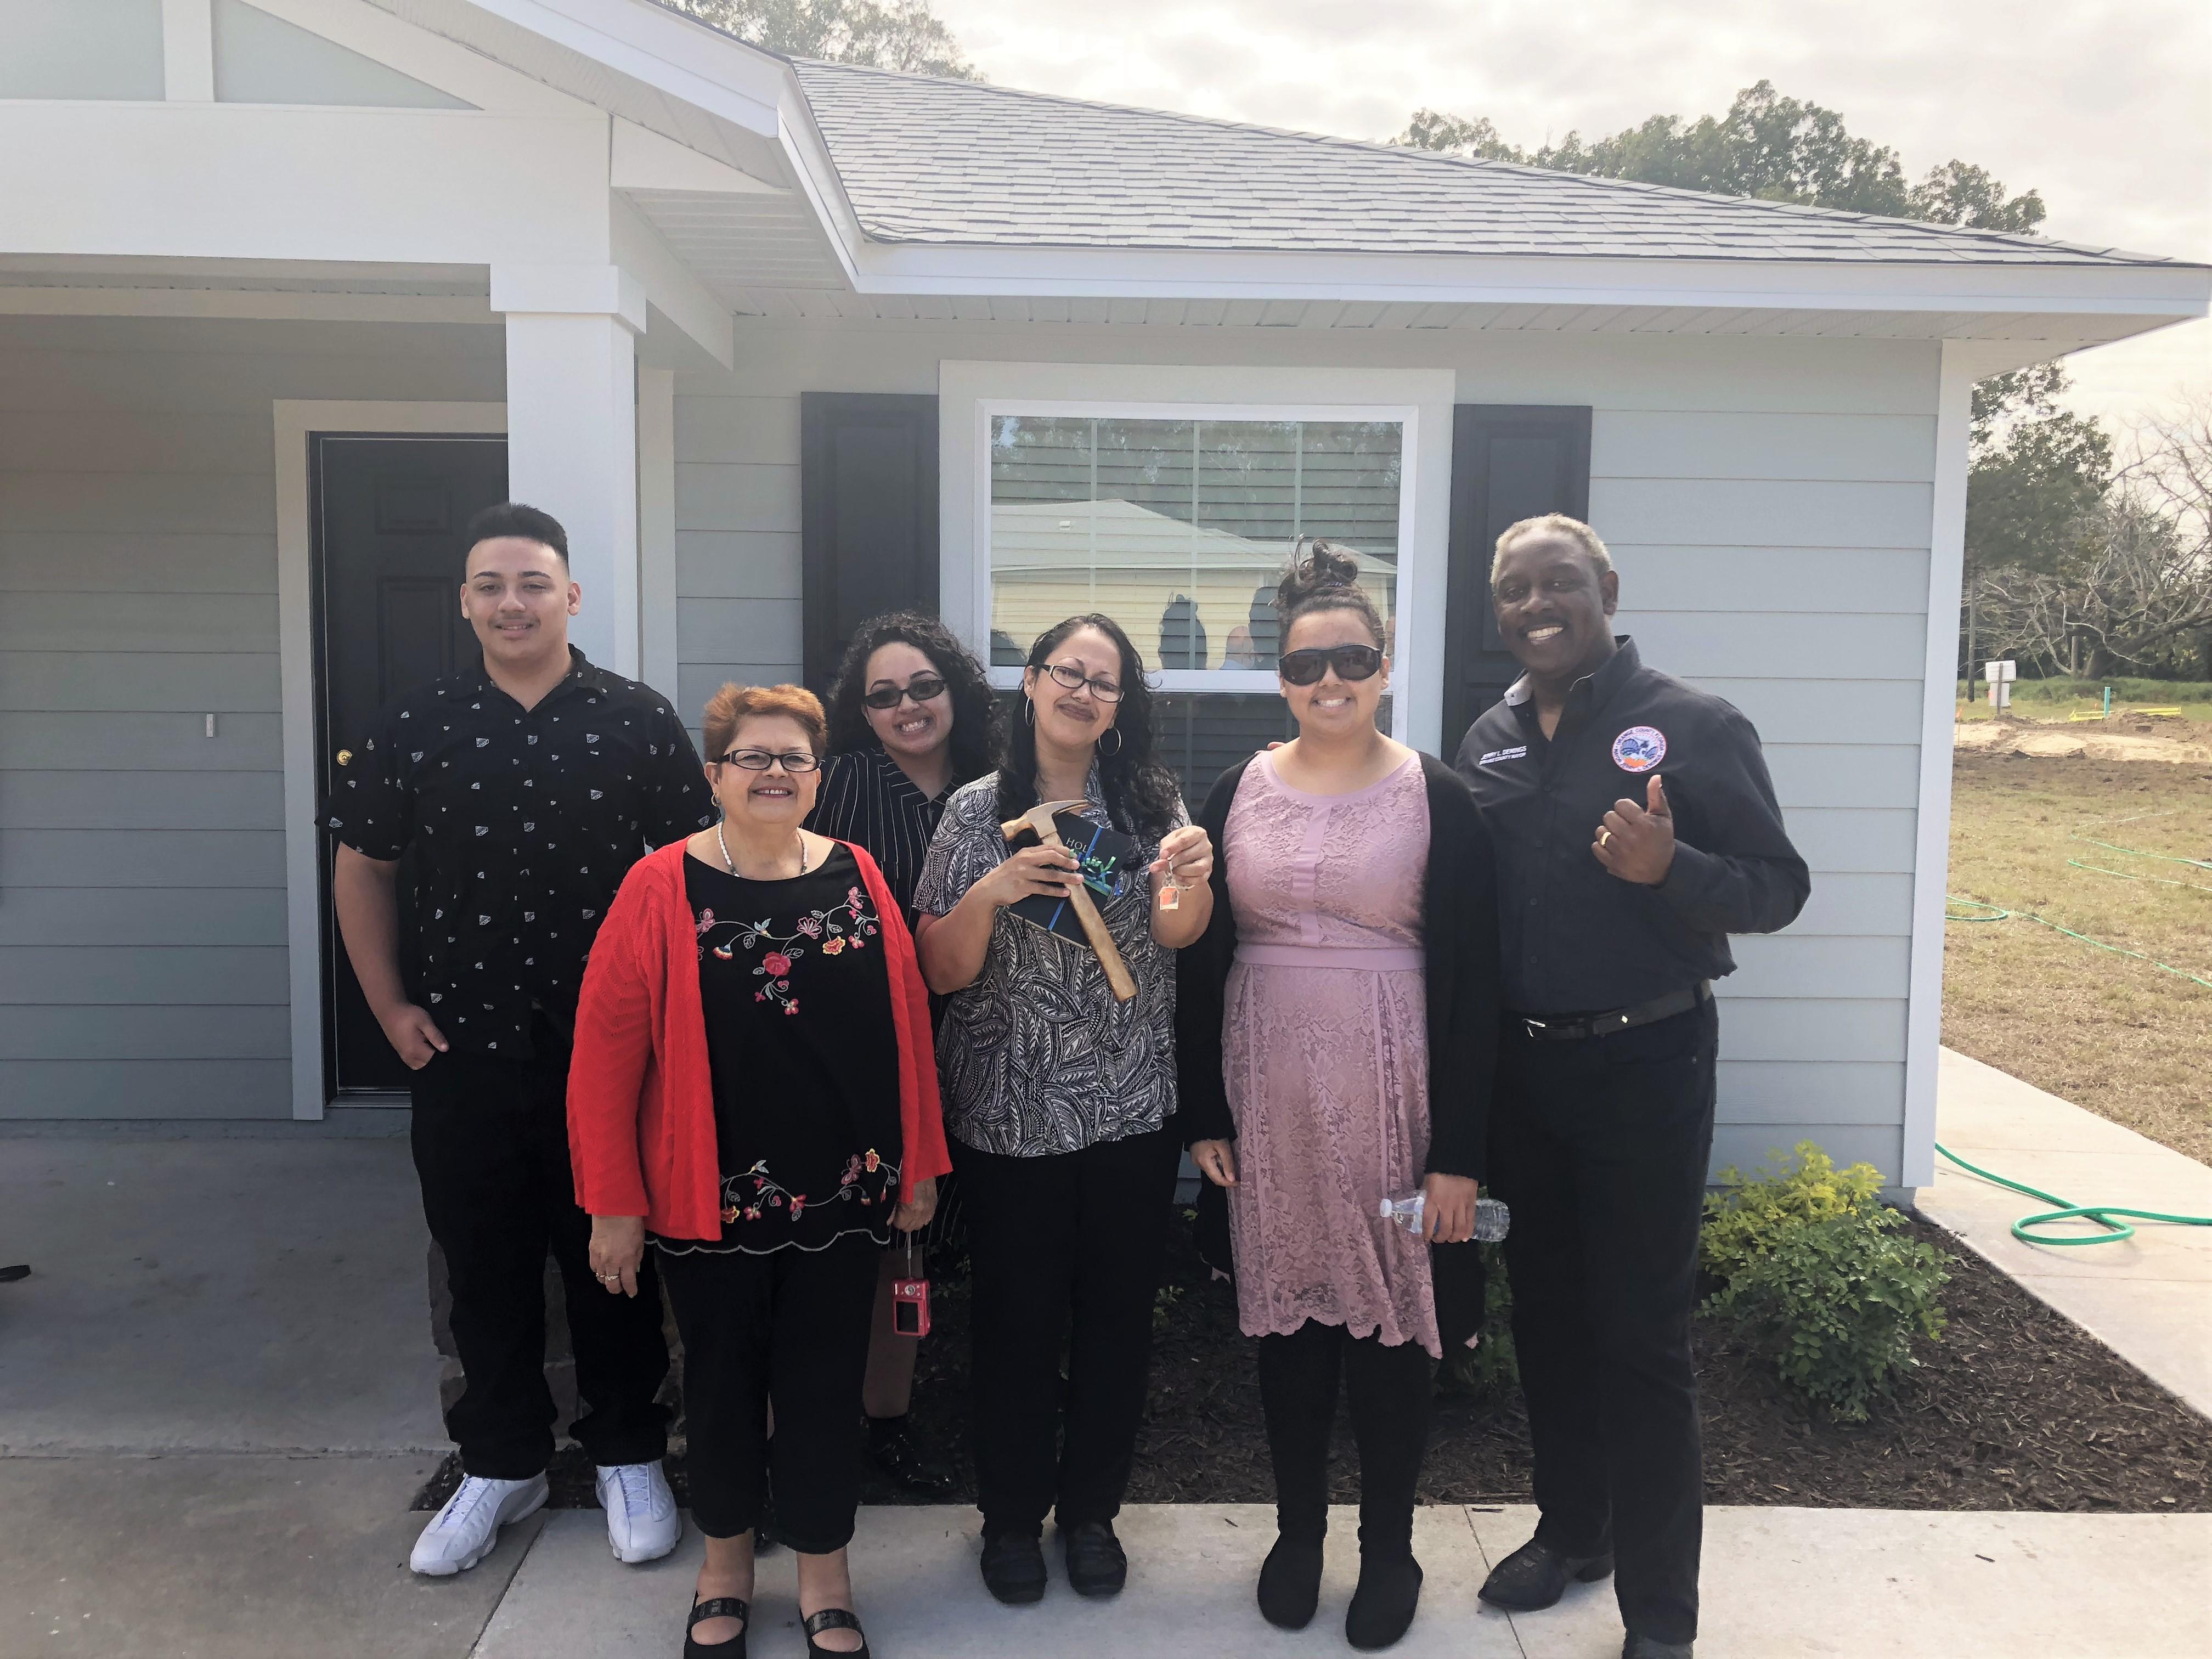 Cinco miembros de una familia parados junto al Alcalde Demings frente a su nueva casa de Habitat for Humanity.